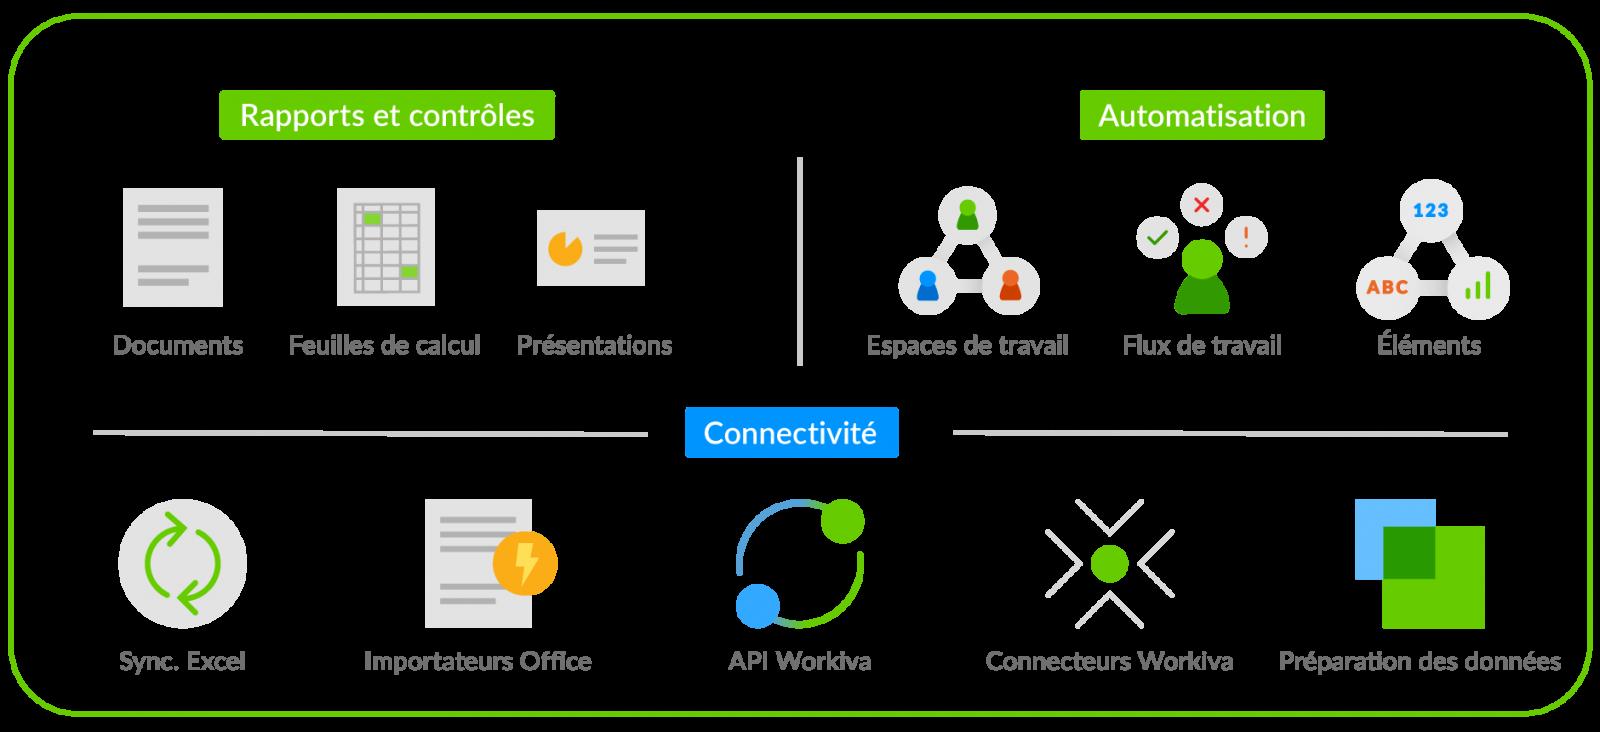 diagramme montrant les éléments technologiques de la plateforme Workiva